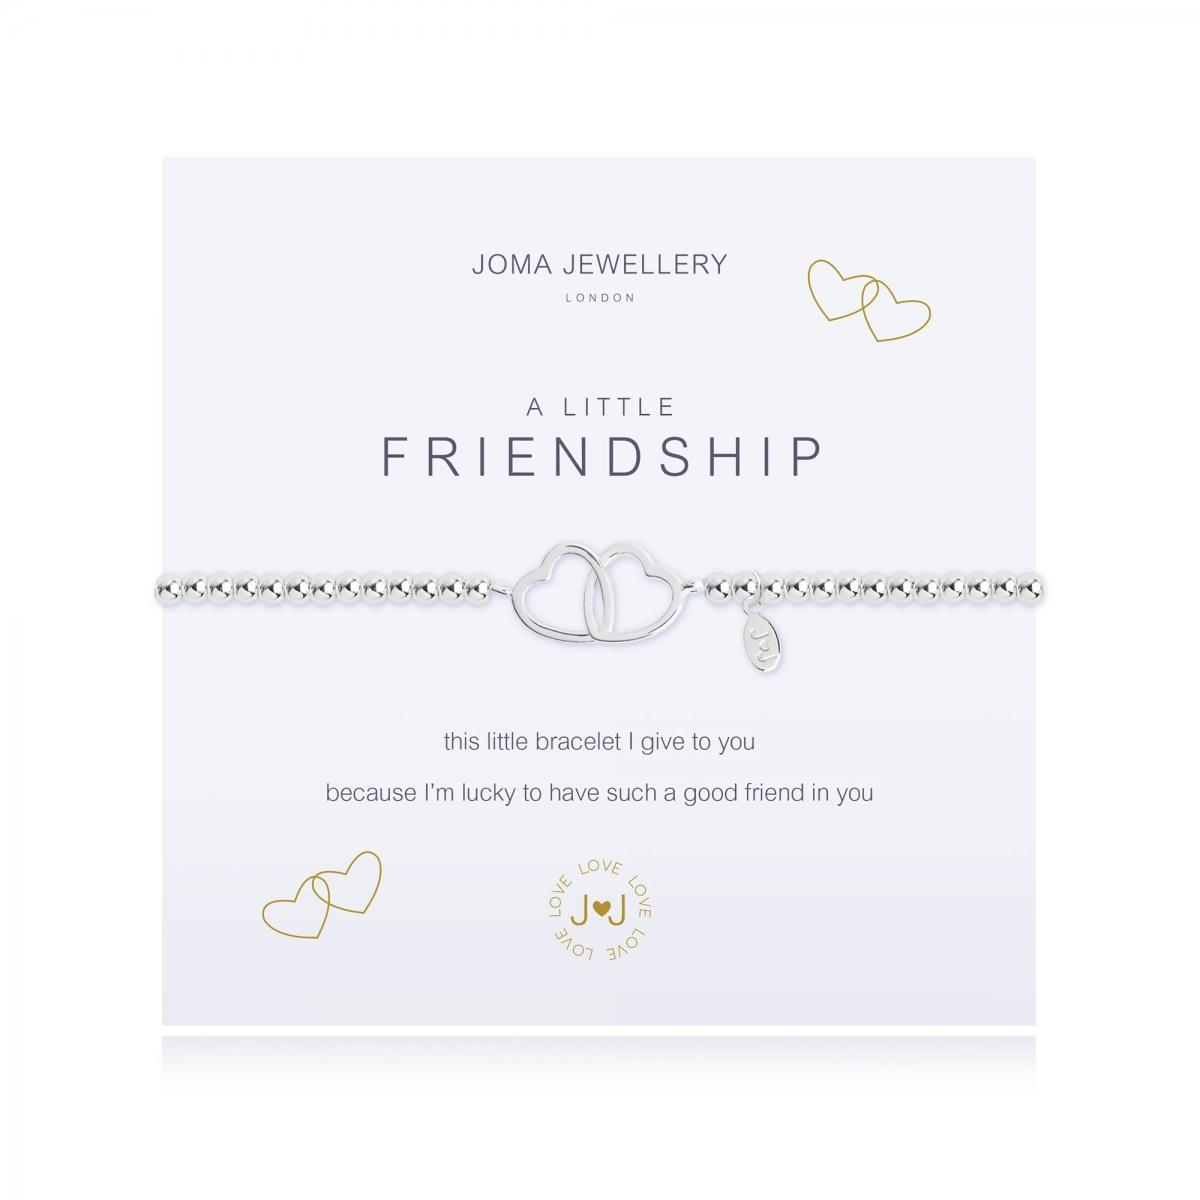 Joma Jewellery A Little 'Friendship' Bracelet